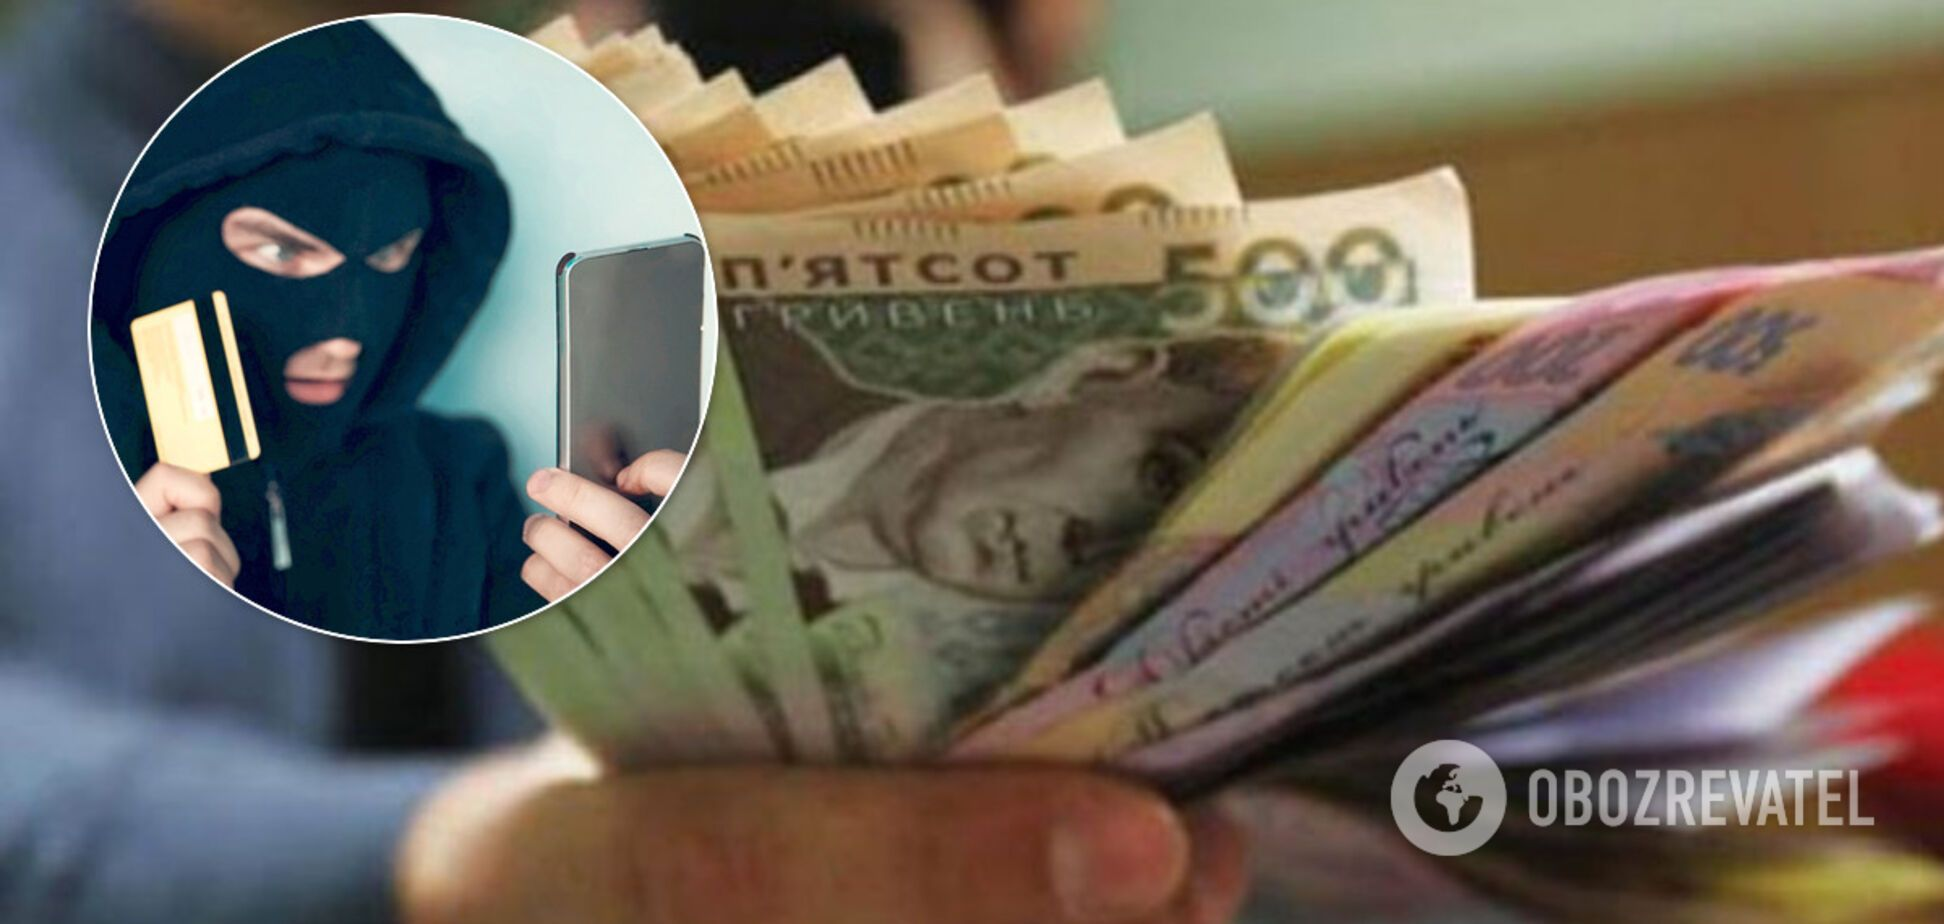 Мошенники снимают деньги с карт украинцев и используют новые схемы: под угрозой может оказаться любой